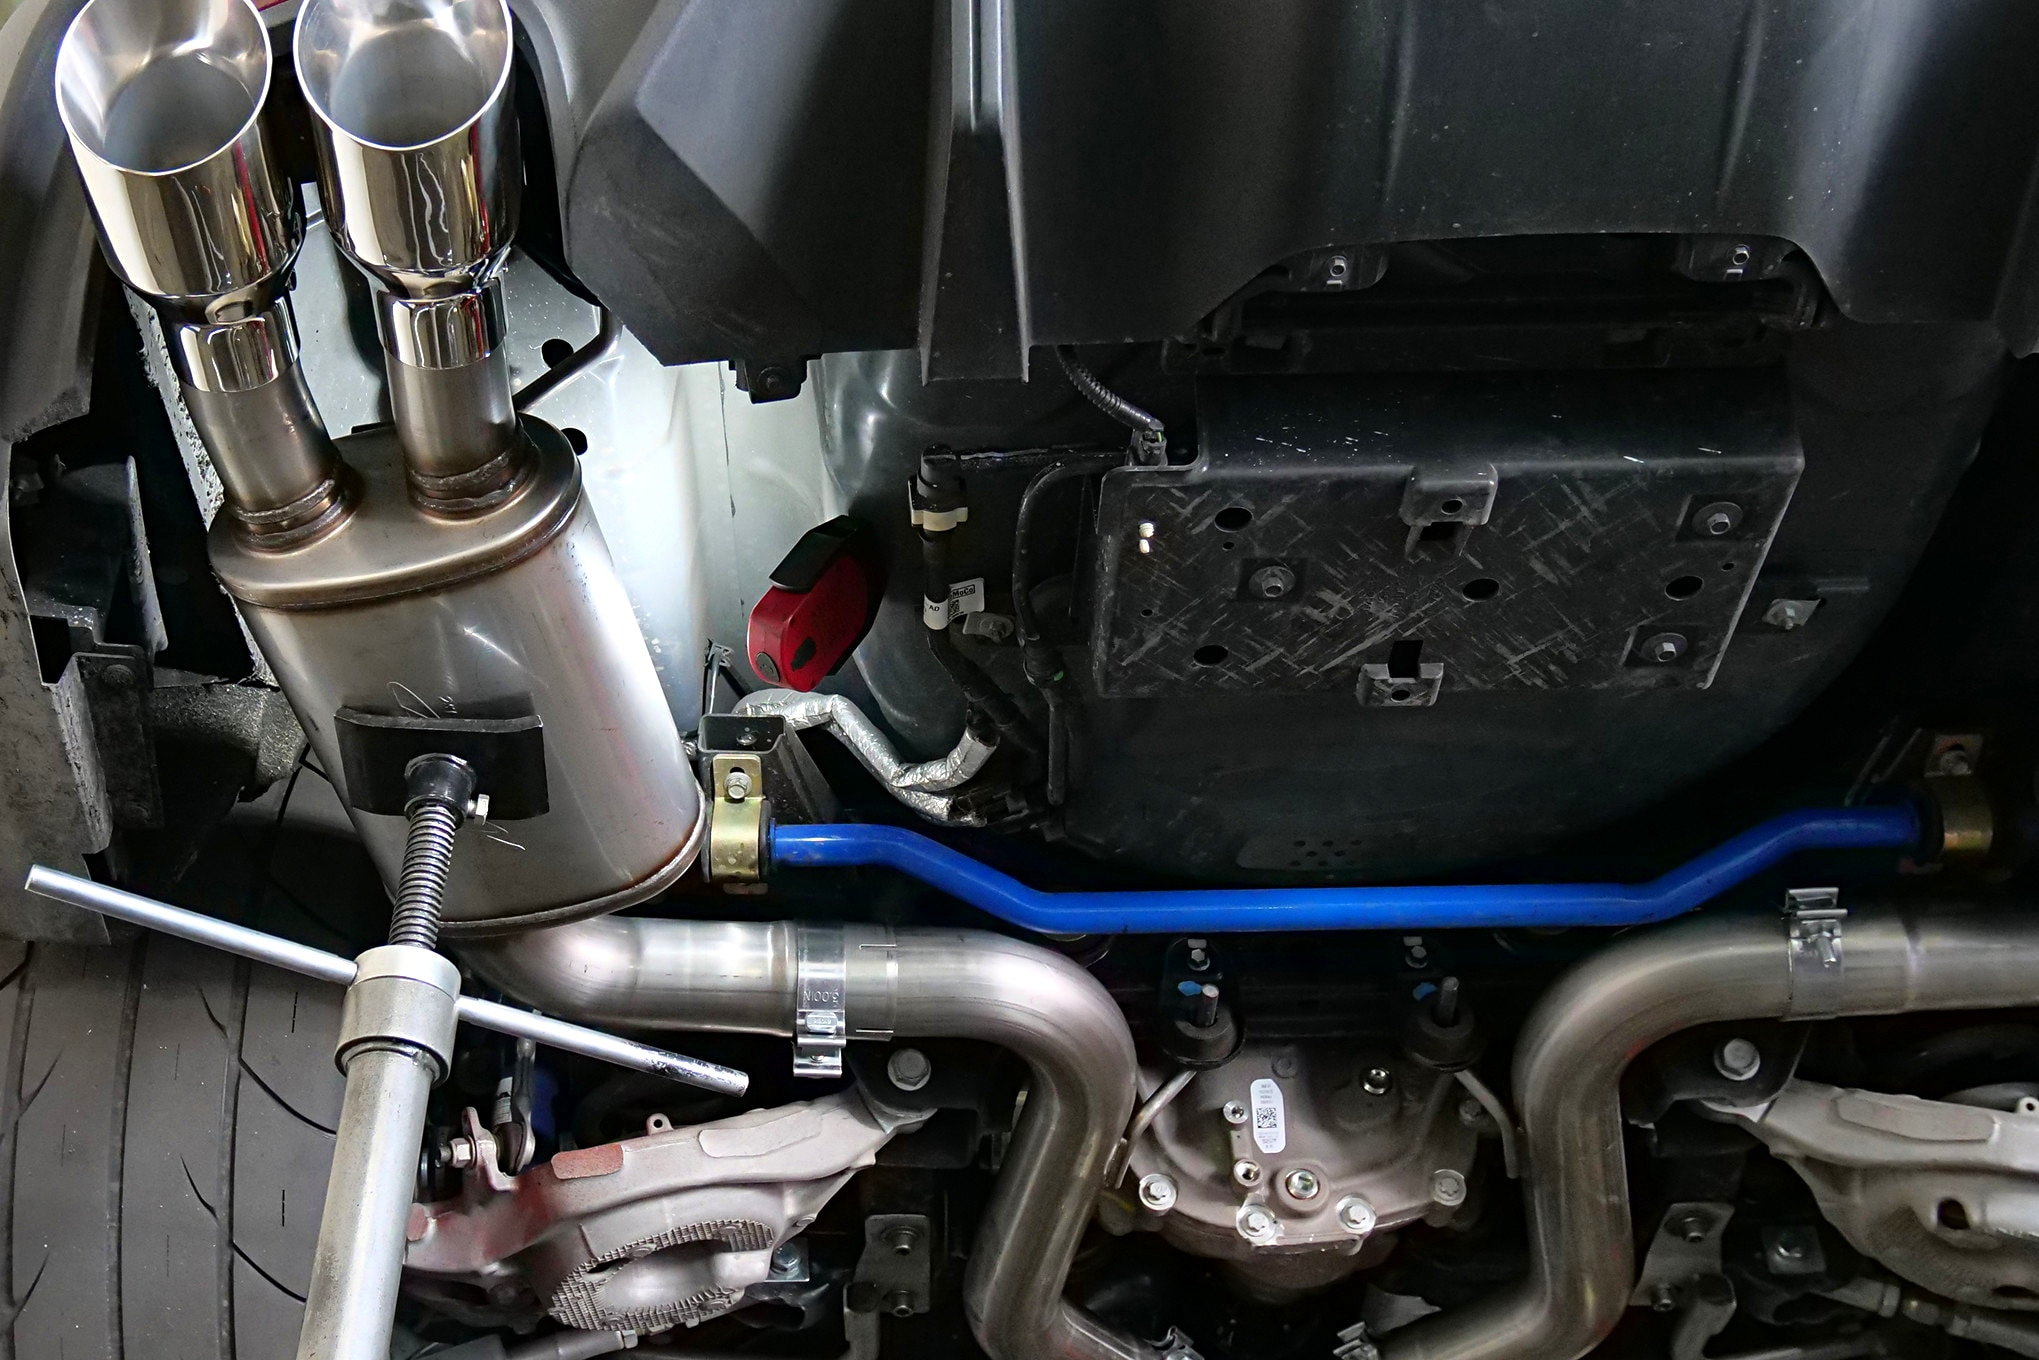 023 Mustang Mbrp Headers Exhaust